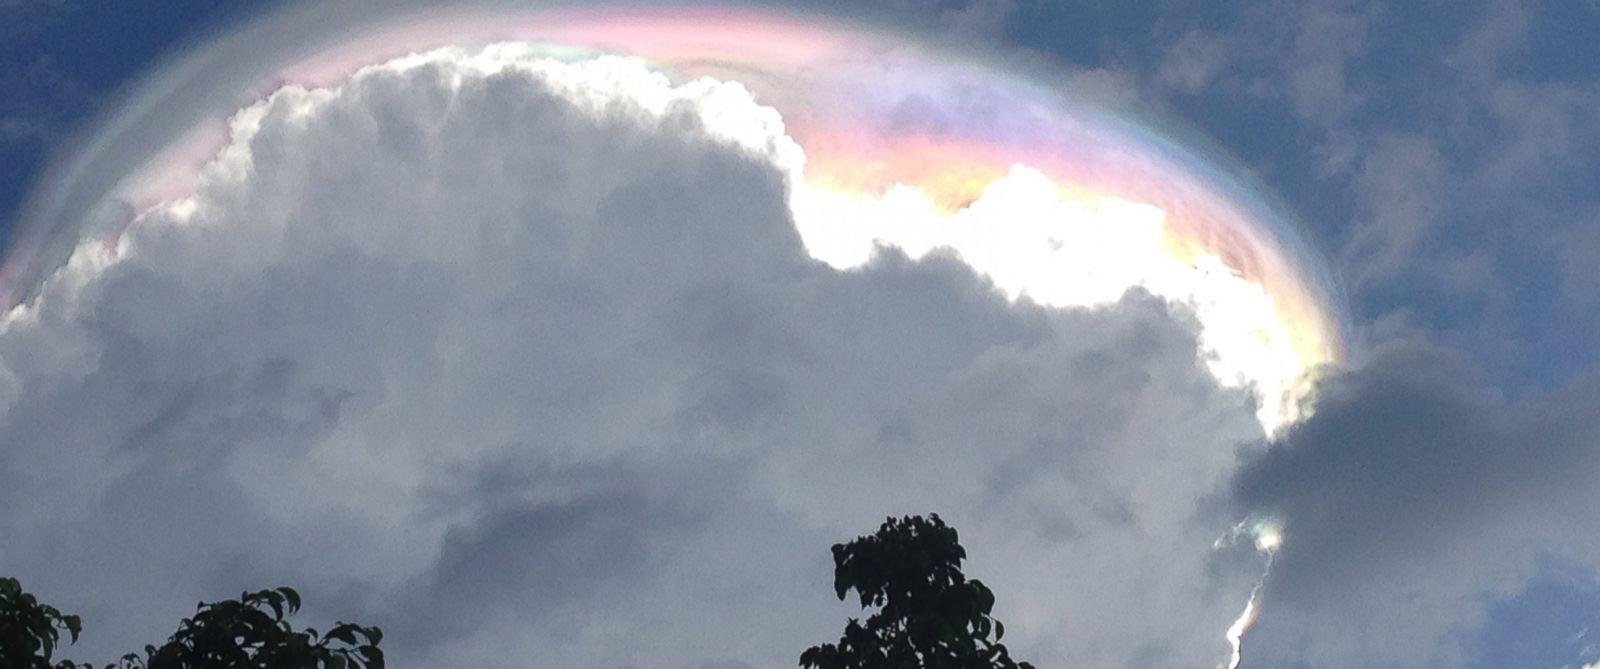 Raro fenômeno meteorológico é visto nos céus da Costa Rica [vídeo]